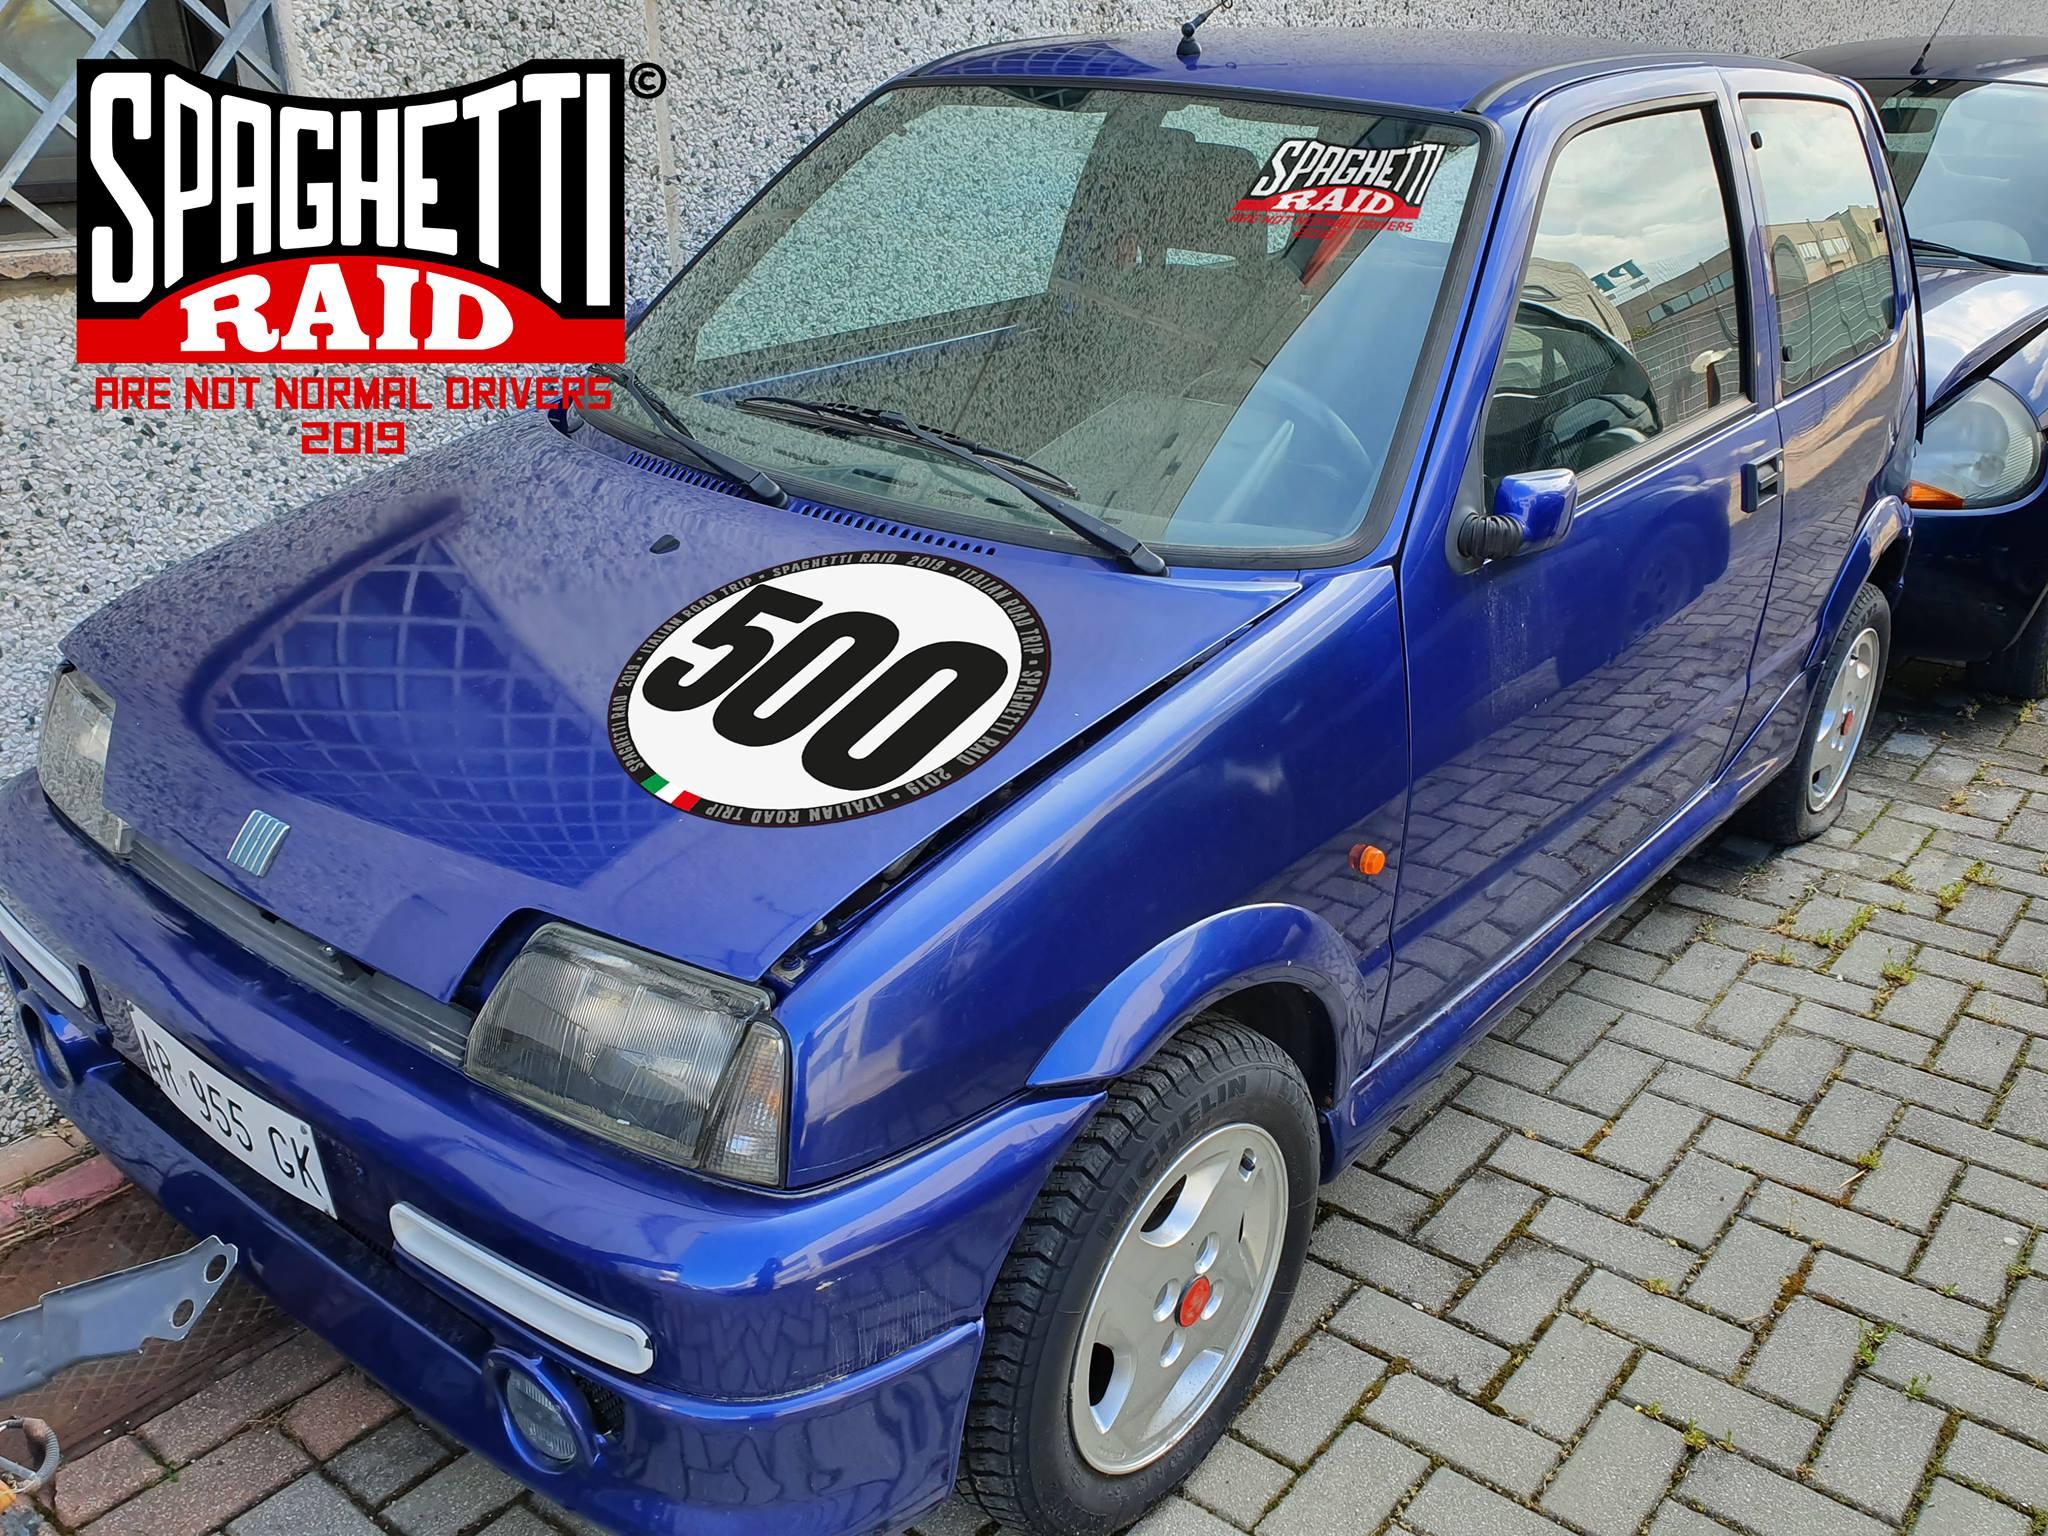 Team ABARTH & C #500 FIAT 500 SPORTING del '95 Città: Riccione RN